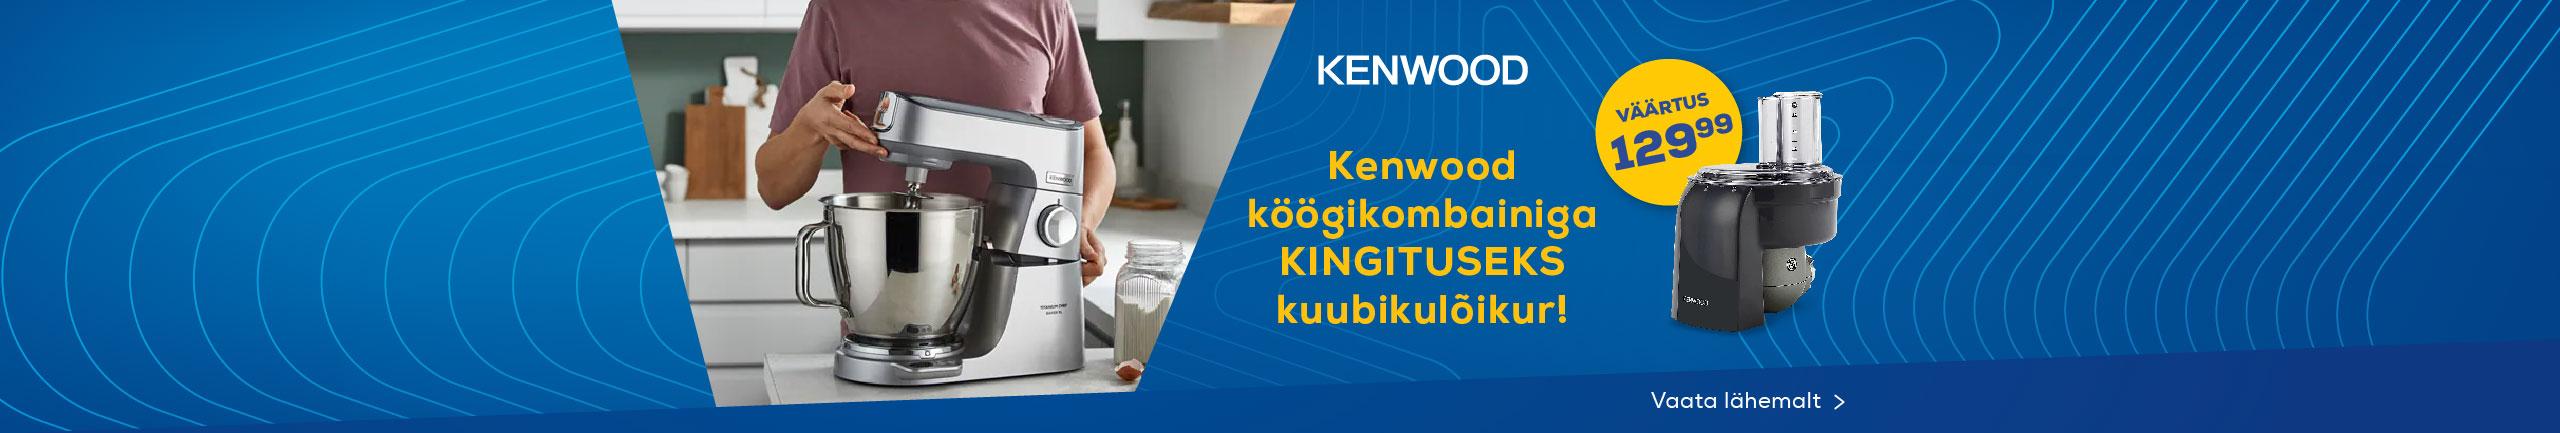 Kenwood köögikombainiga kingituseks kuubikulõikur!